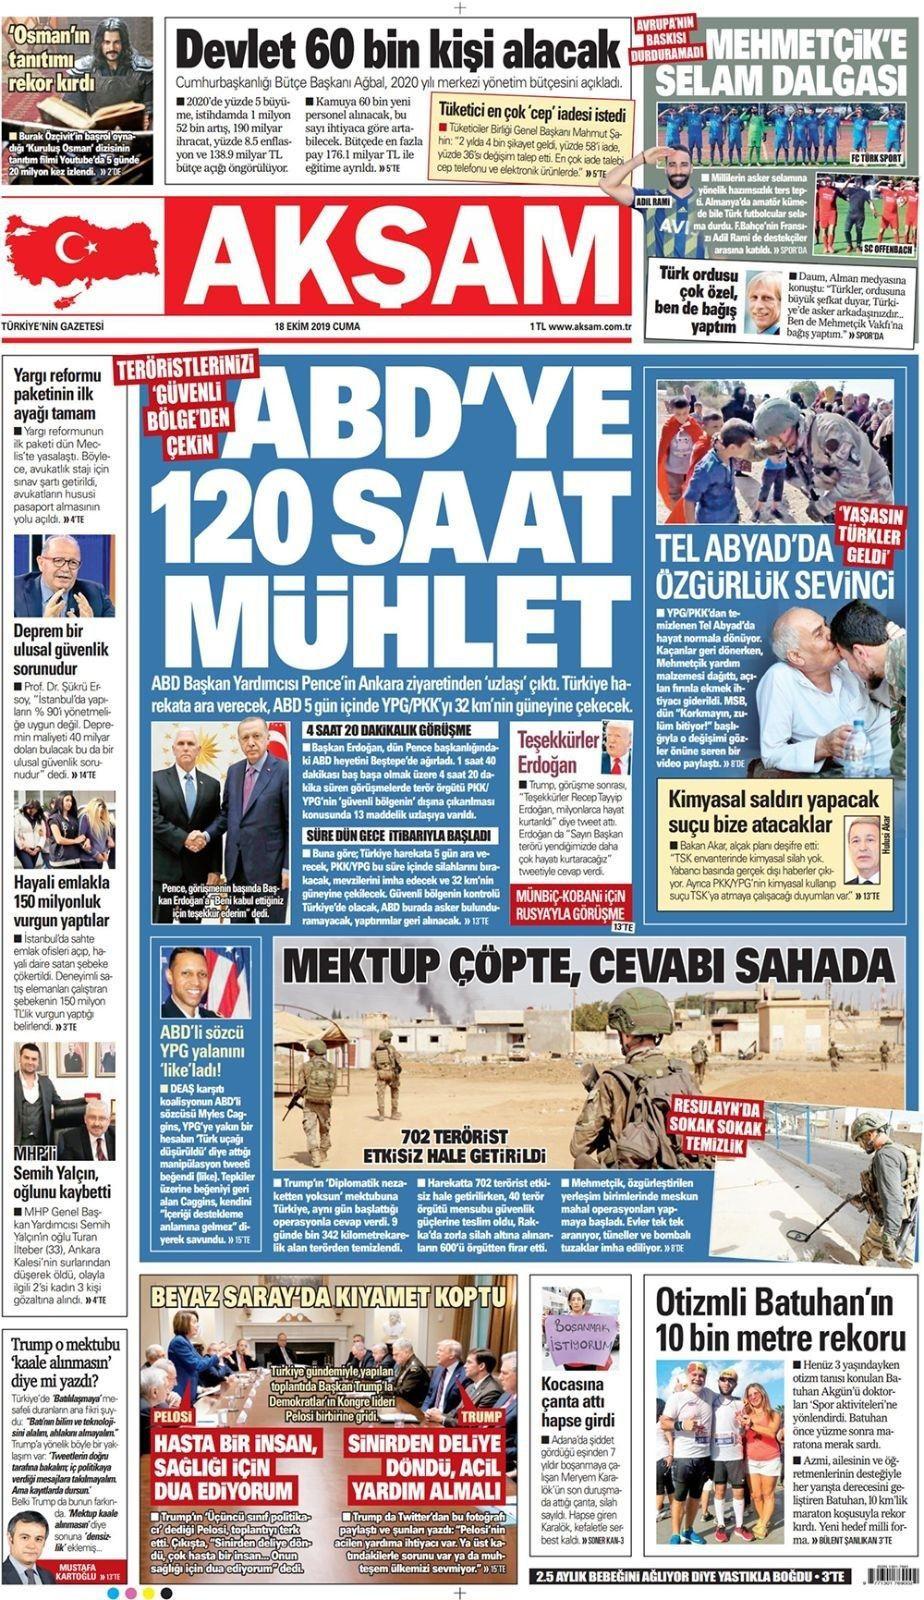 Türkiye-ABD anlaşmasını Türk basını böyle gördü! - Sayfa 1